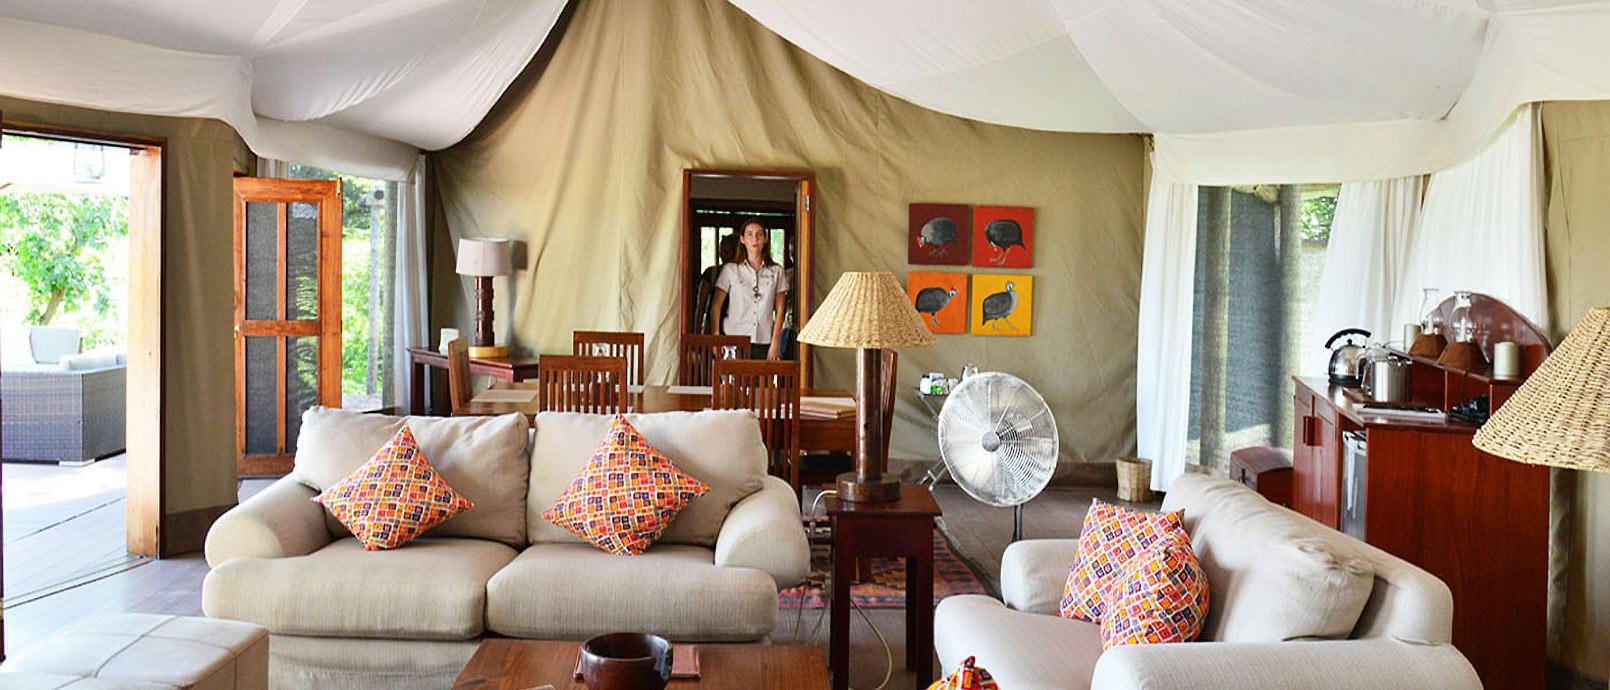 Flatdogs camp lodge